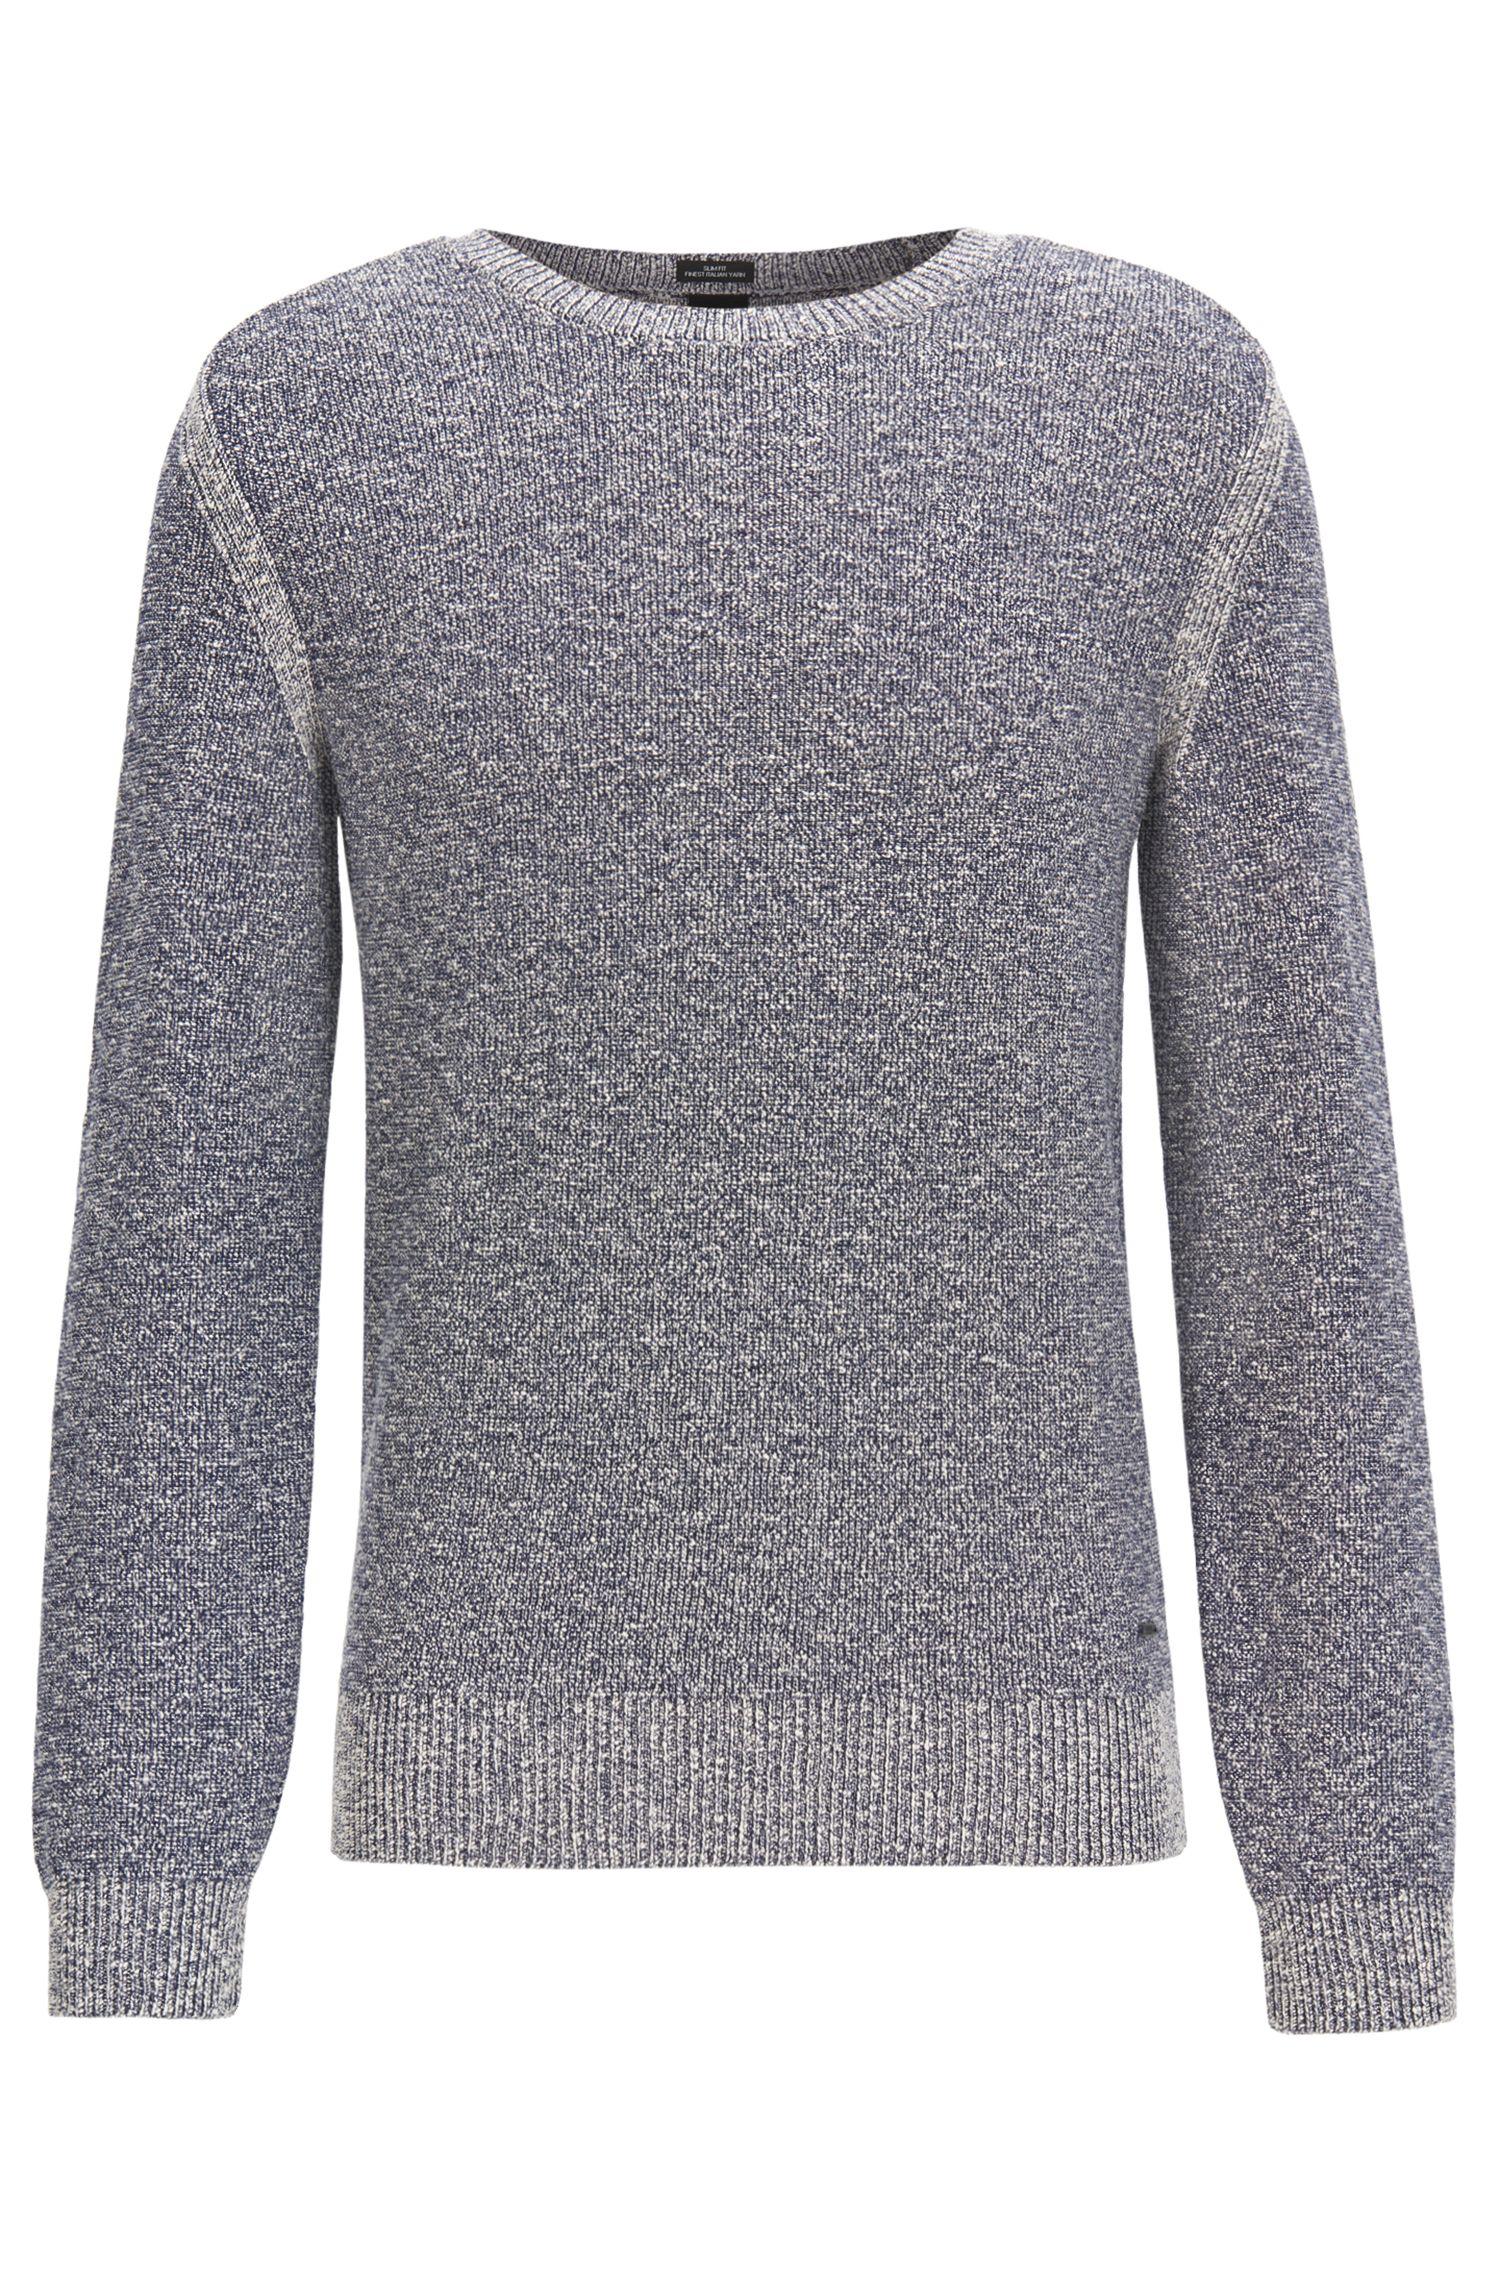 Pullover aus Baumwoll-Mix mit kontrastfarbenen Details